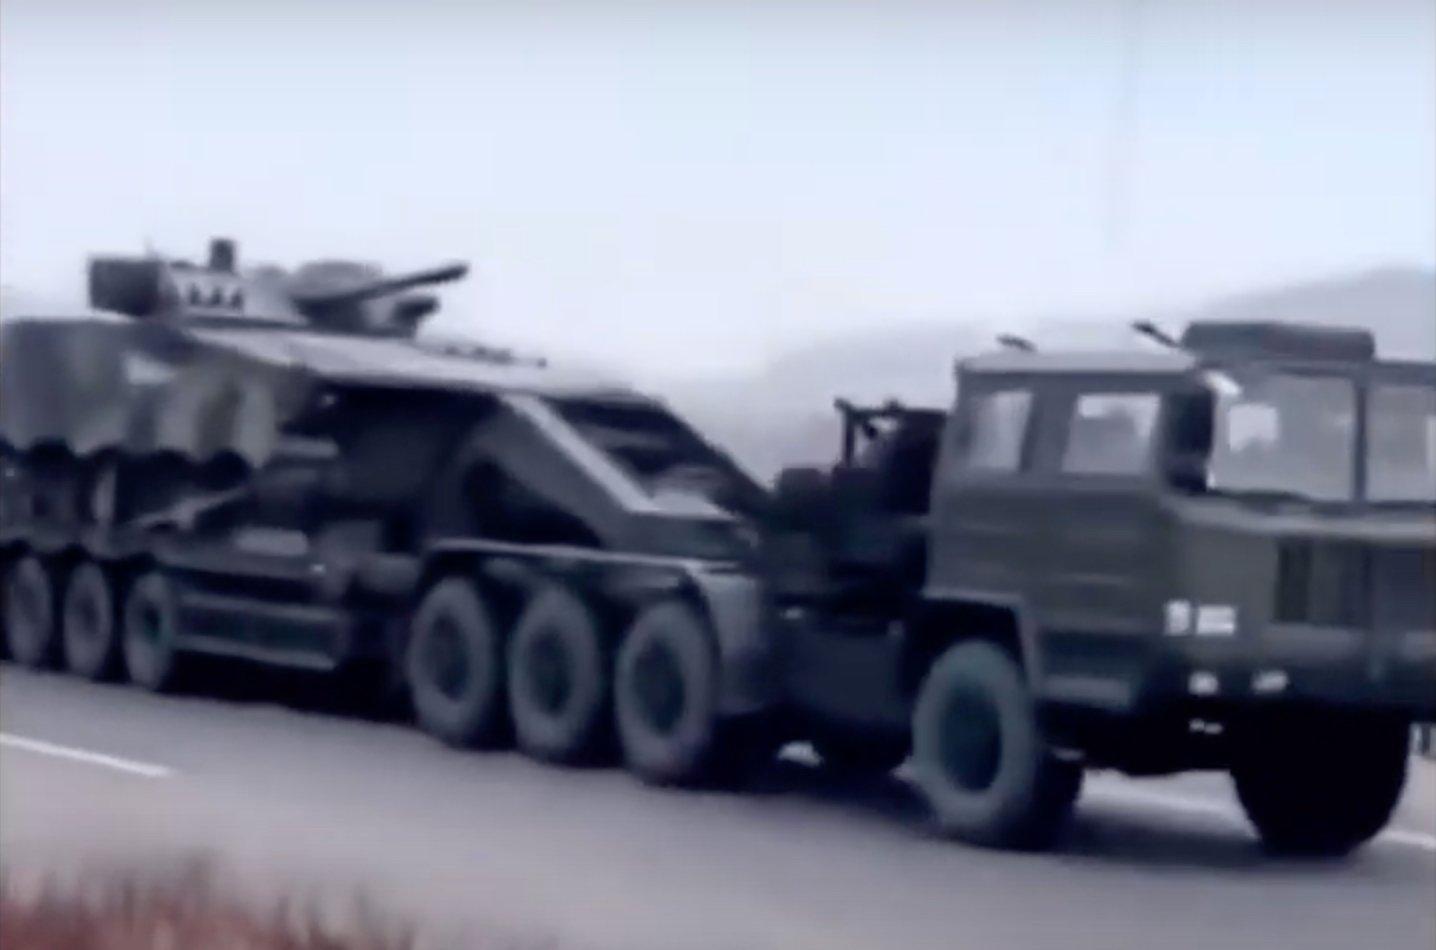 網友拍到從瀋陽市到丹東市的高速路上,出現大批運載裝甲車和坦克的運輸車,連續不斷綿延幾公里。(截圖)